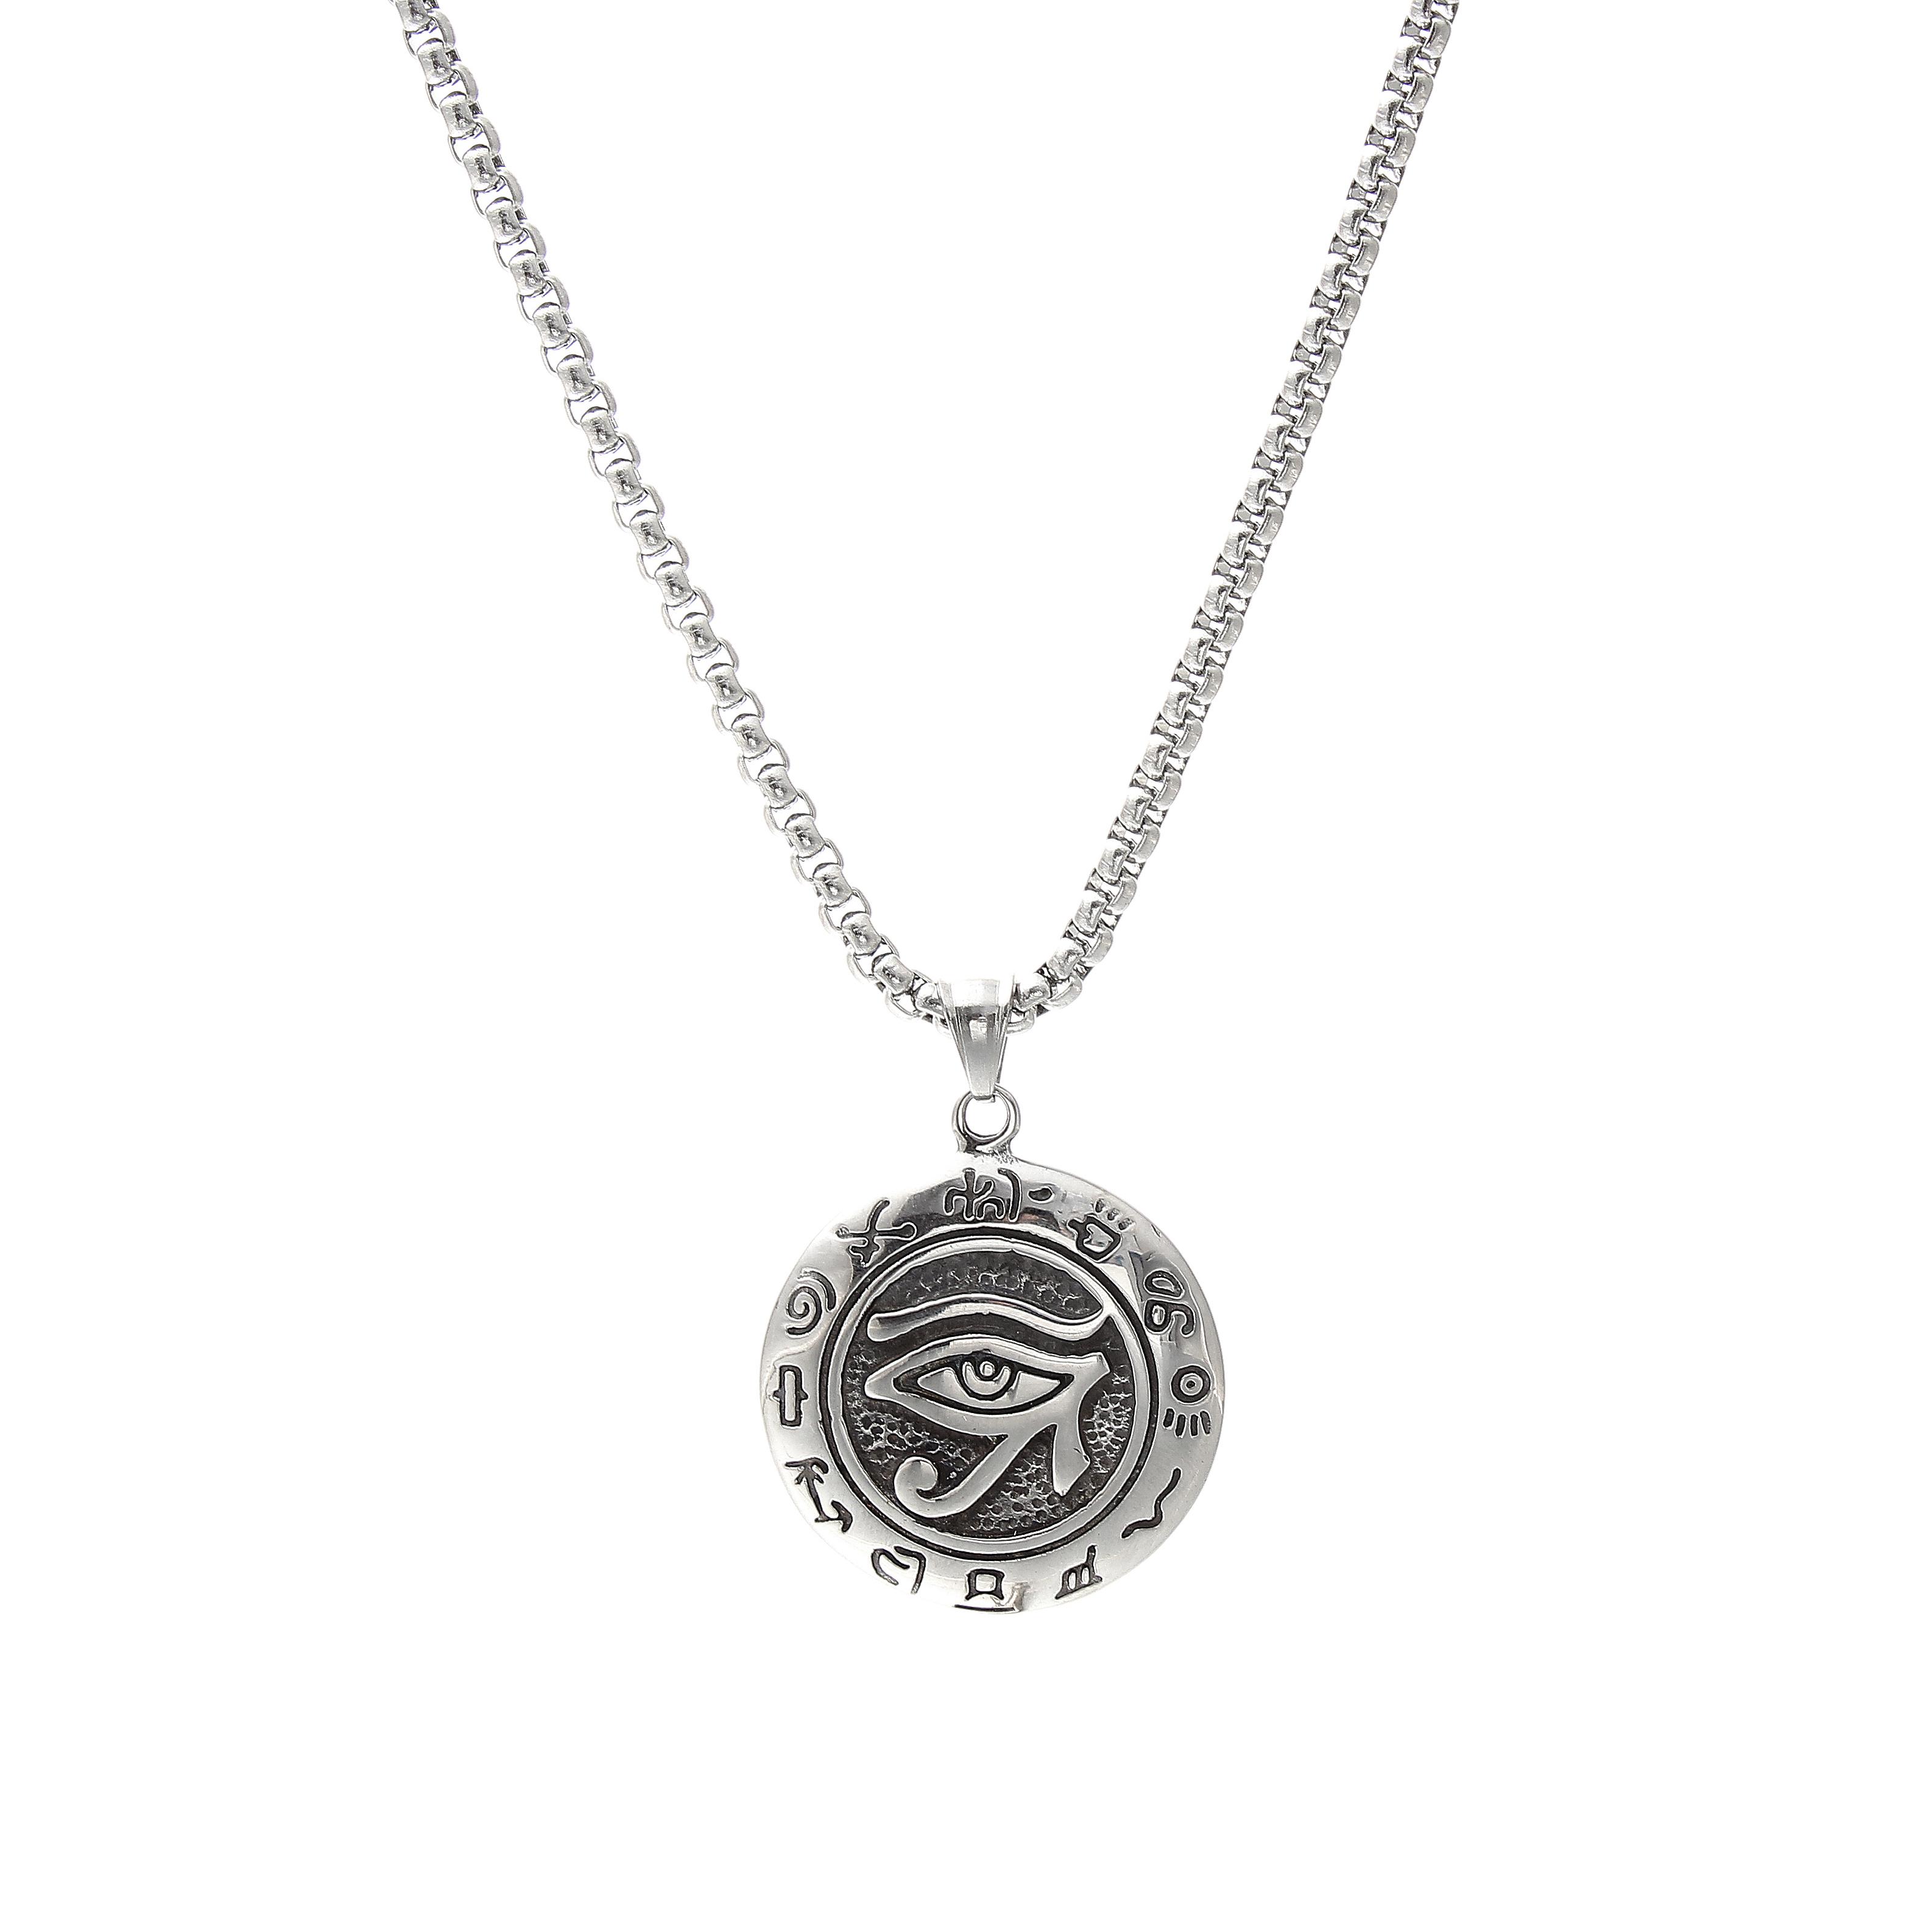 Edelstahl Schmuck Runde Charme Anhänger Rolo Kette Neueste Naturl Halskette Für Männer Frauen